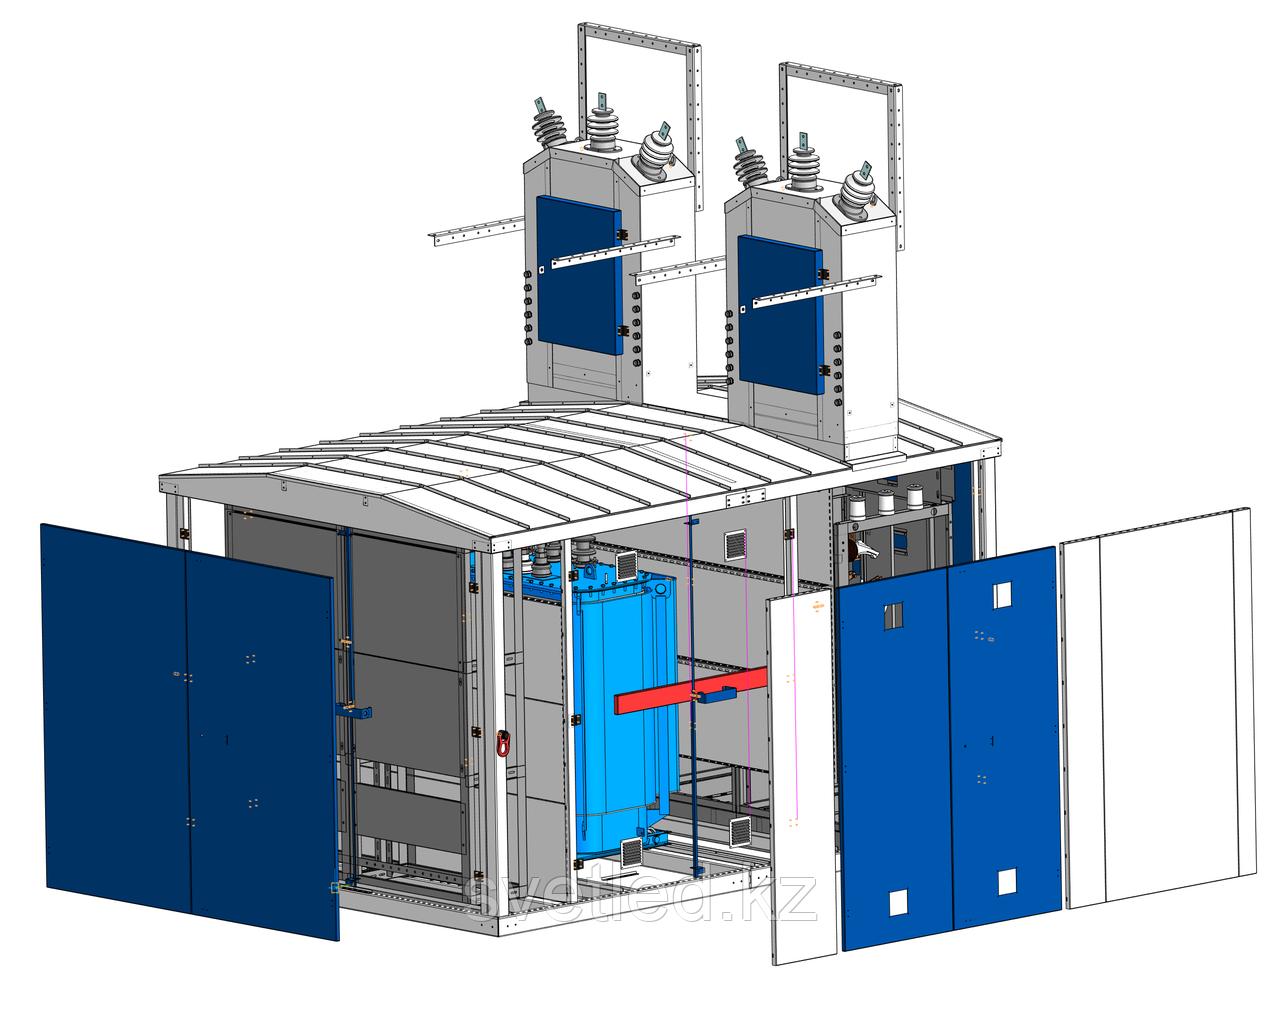 Комплектная трансформаторная подстанция в утепленной оболочке из сэндвич панелей